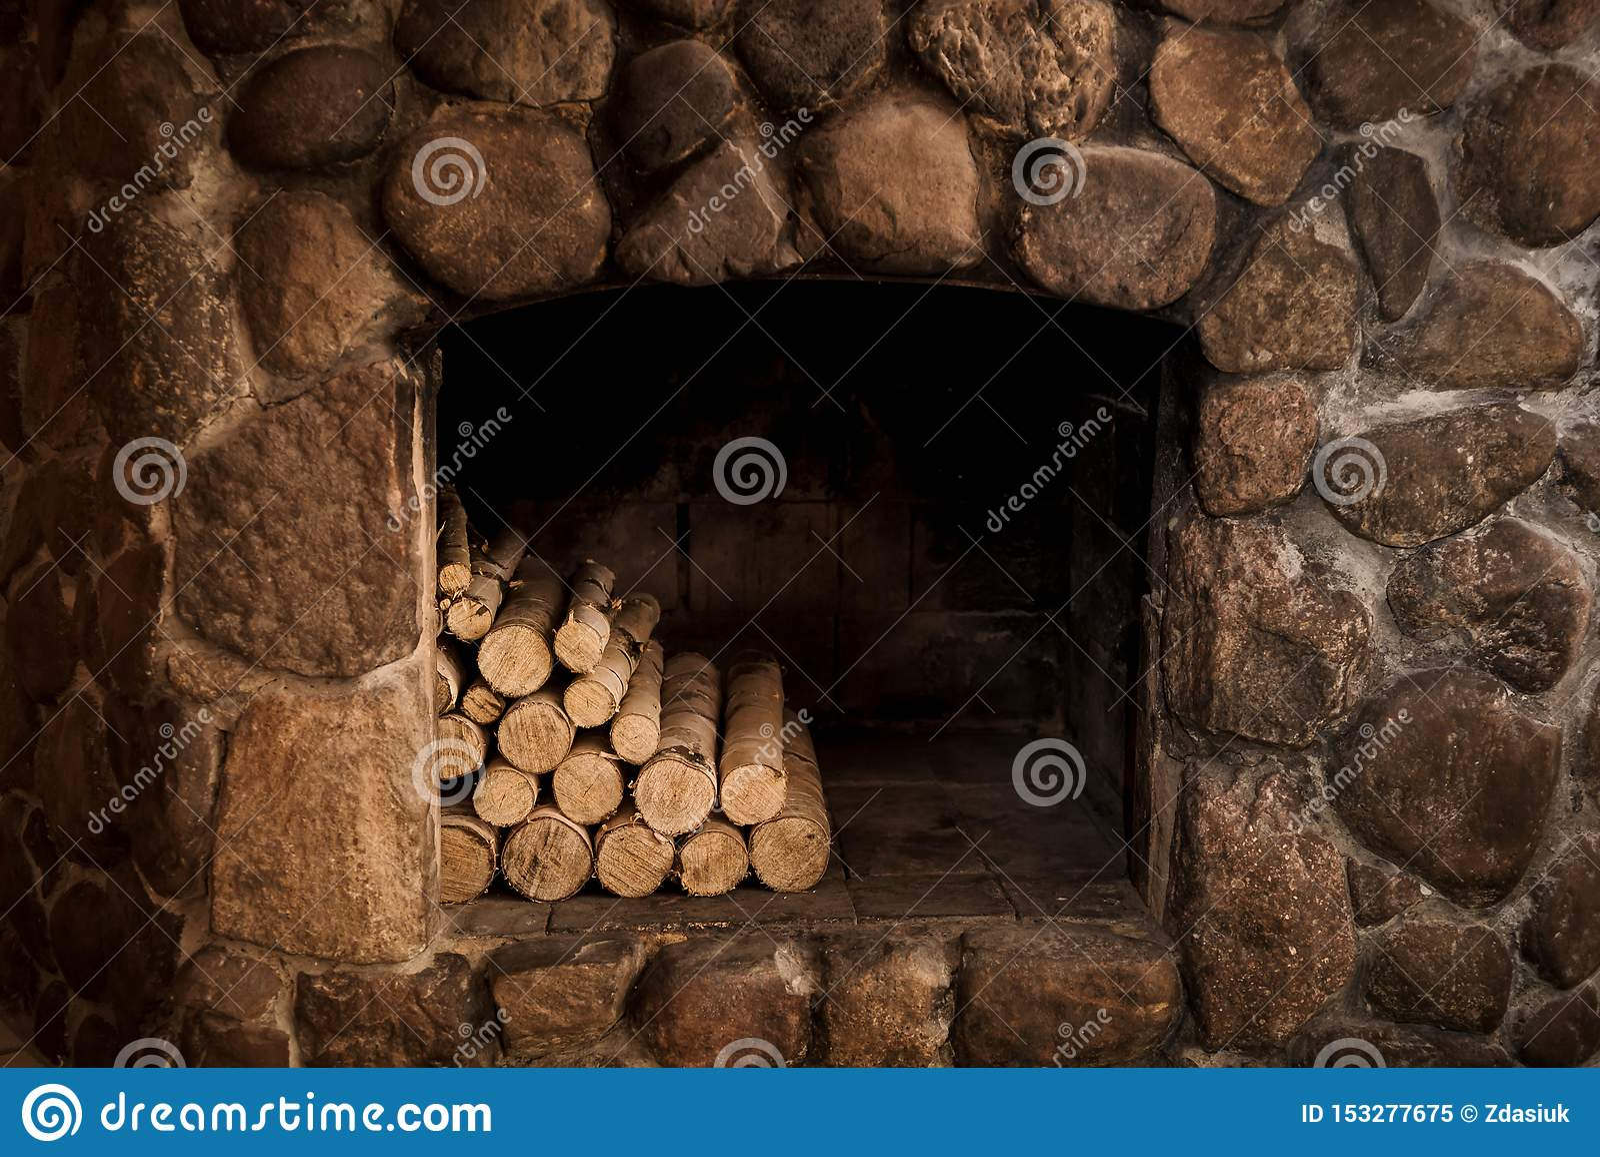 与壁炉边和日志的石壁炉